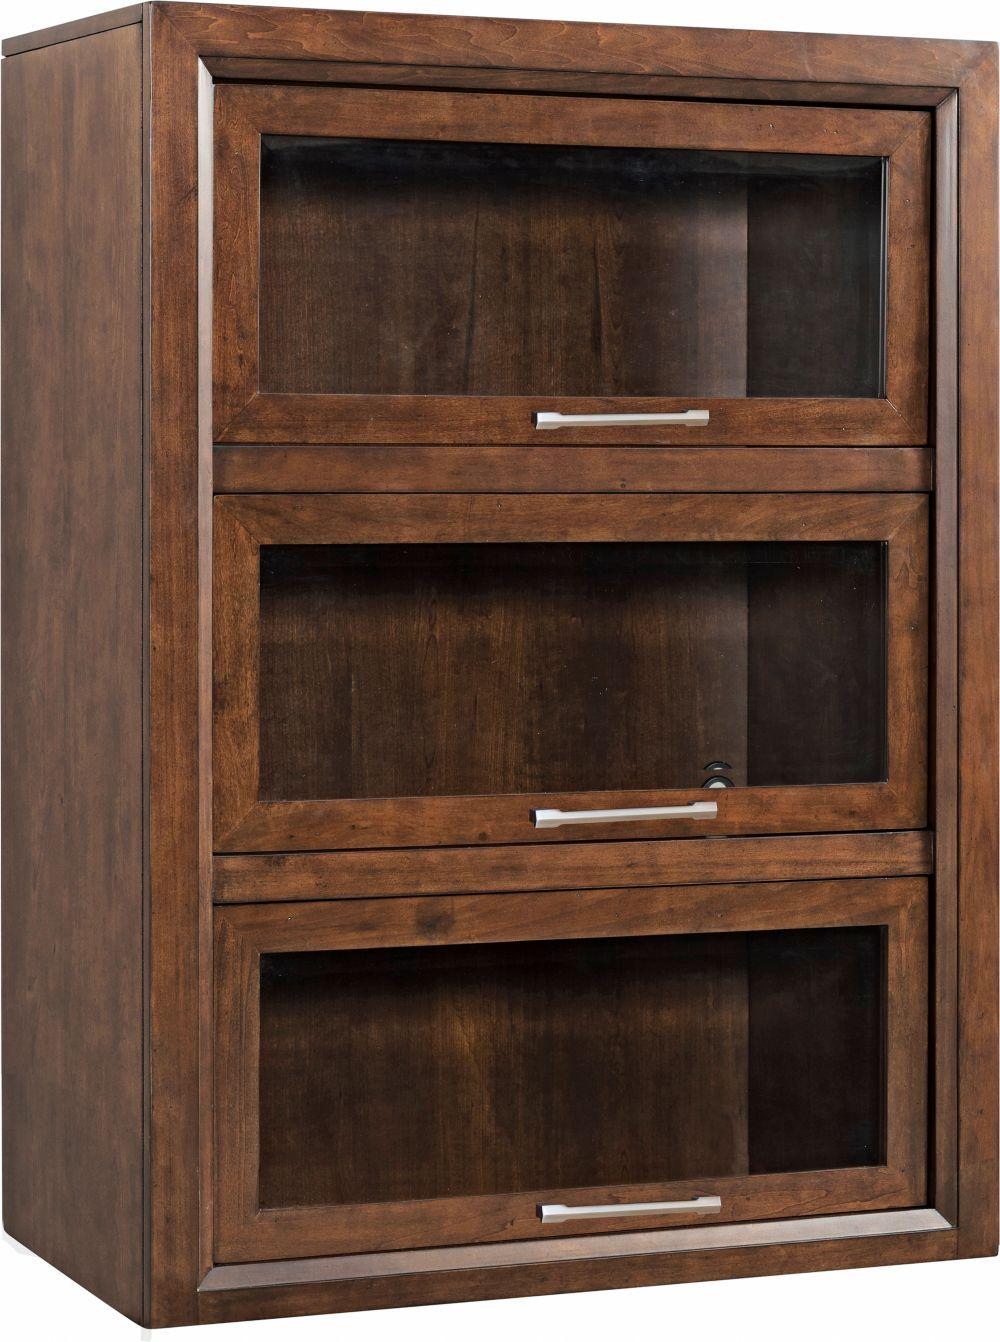 Studio 1904 Lawyer Bookcase Sku 85231 615 Living Room Sets